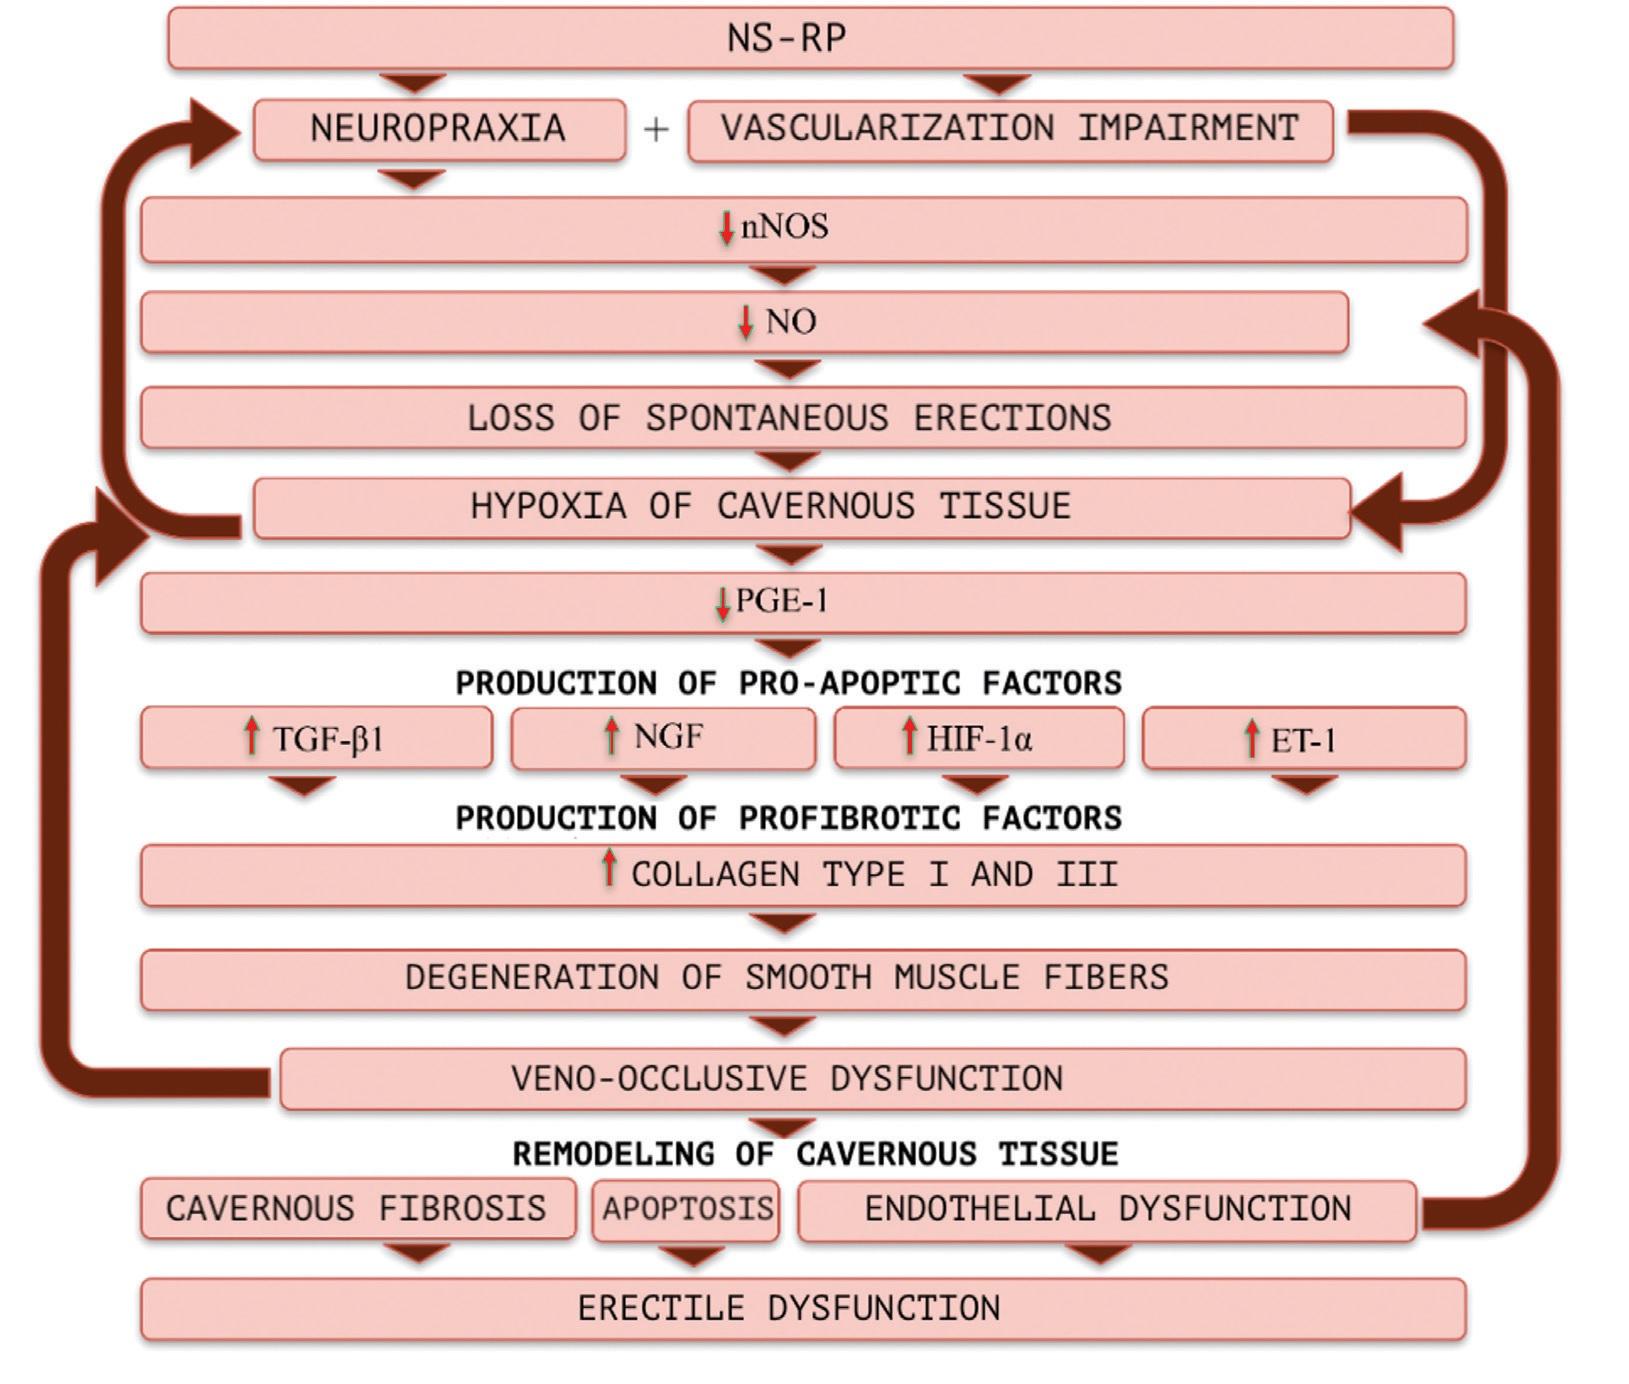 Pathogenesis of erectile dysfunction after radical prostatectomy